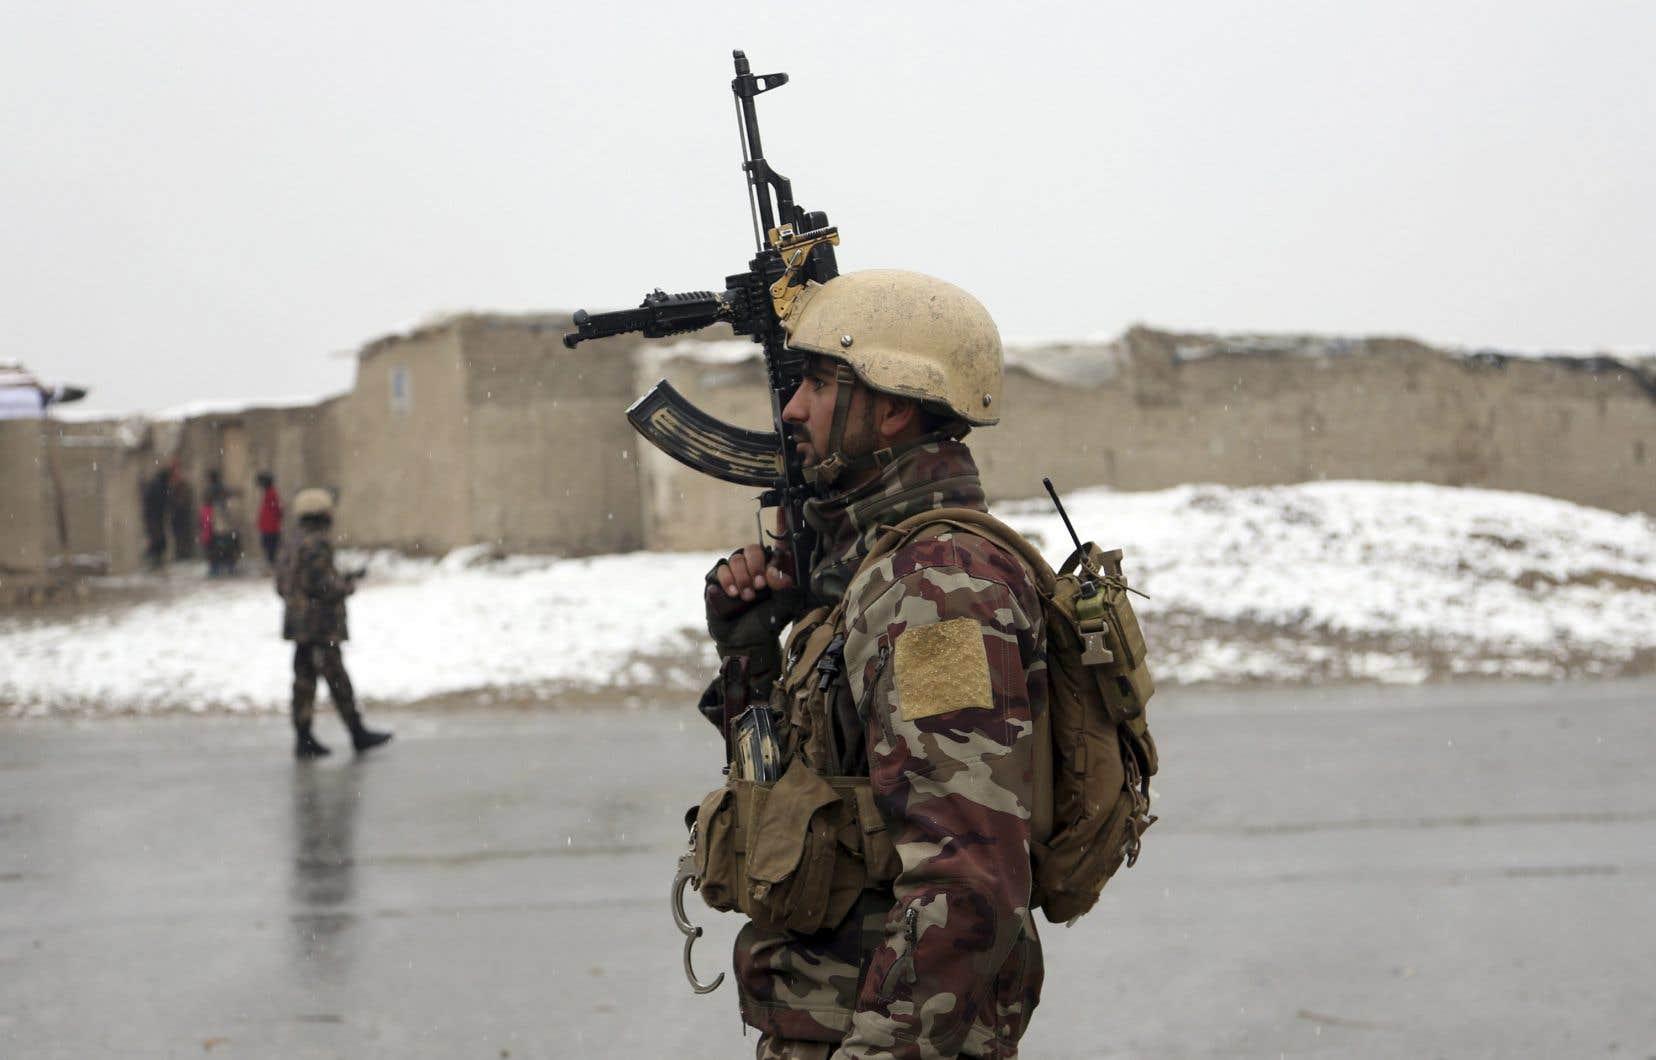 Le niveau d'alerte en vigueur depuis une dizaine de jours reste maximal à Kaboul.